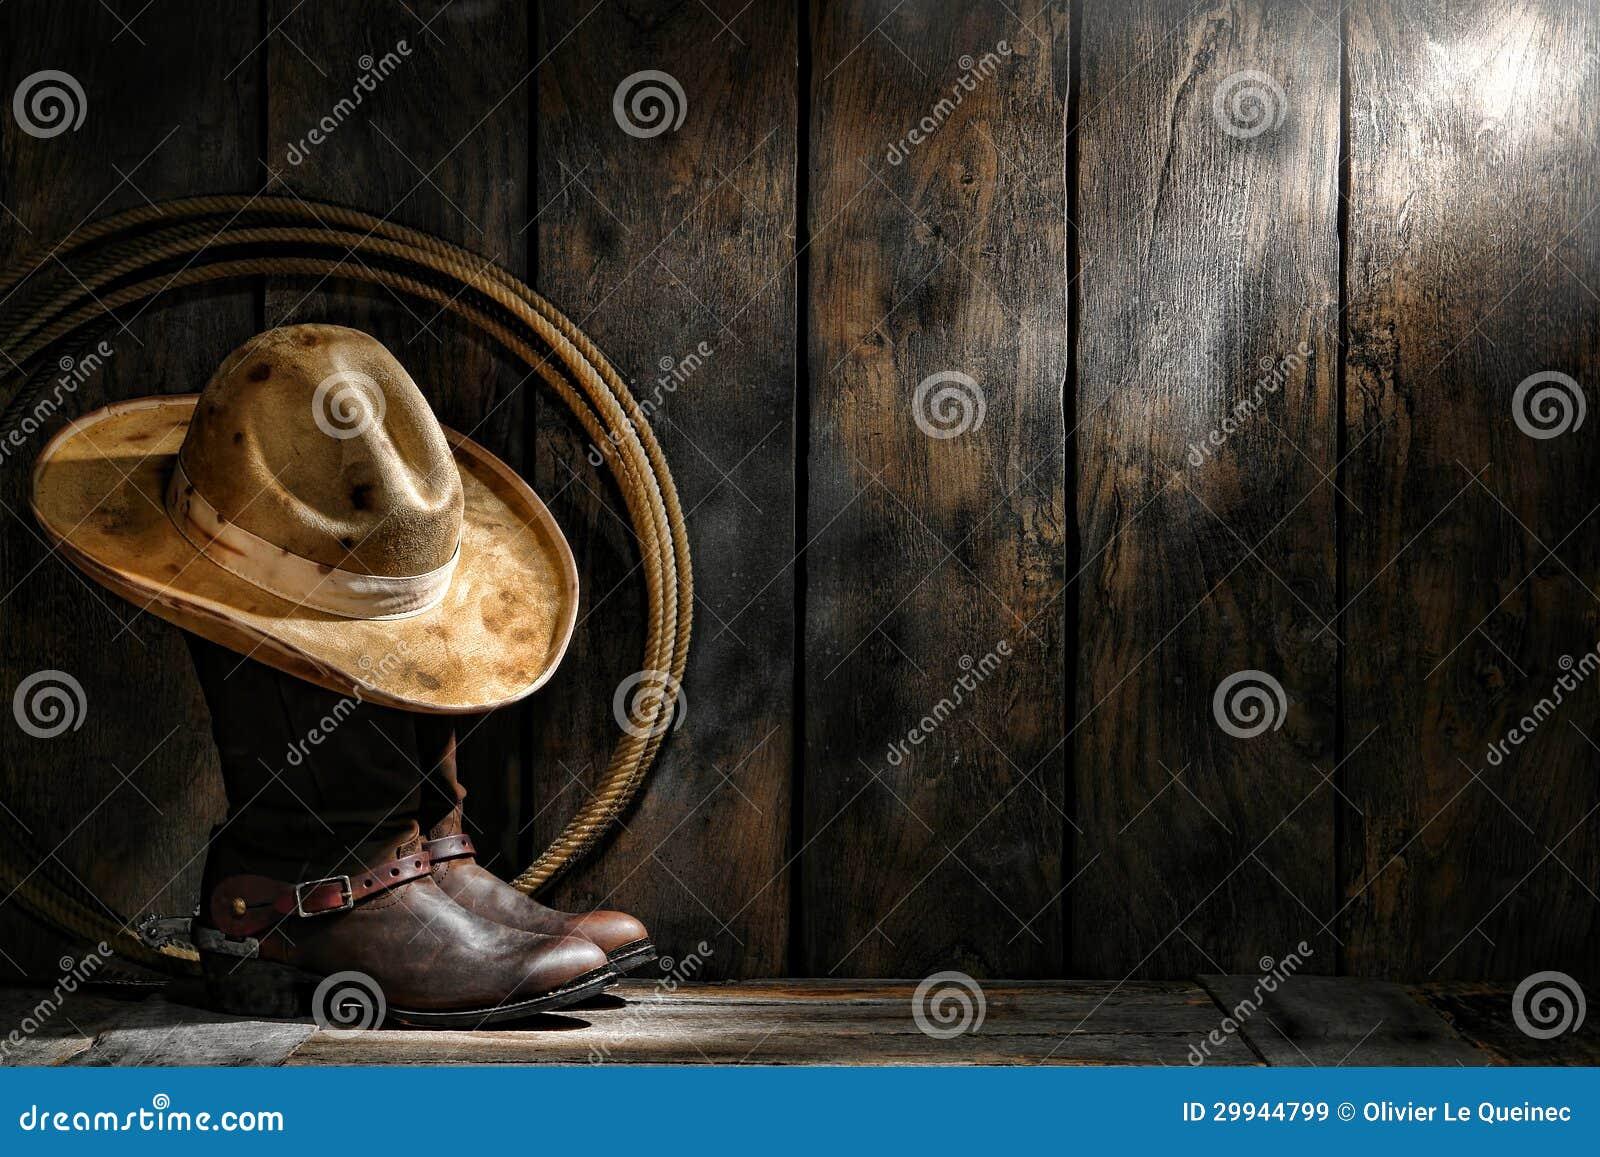 El sombrero de fieltro usado sucio del vaquero del oeste americano del  rodeo encima de botas de trabajo de cuero gastadas del cordelero del  ranchero con los ... 4f56ee0da89